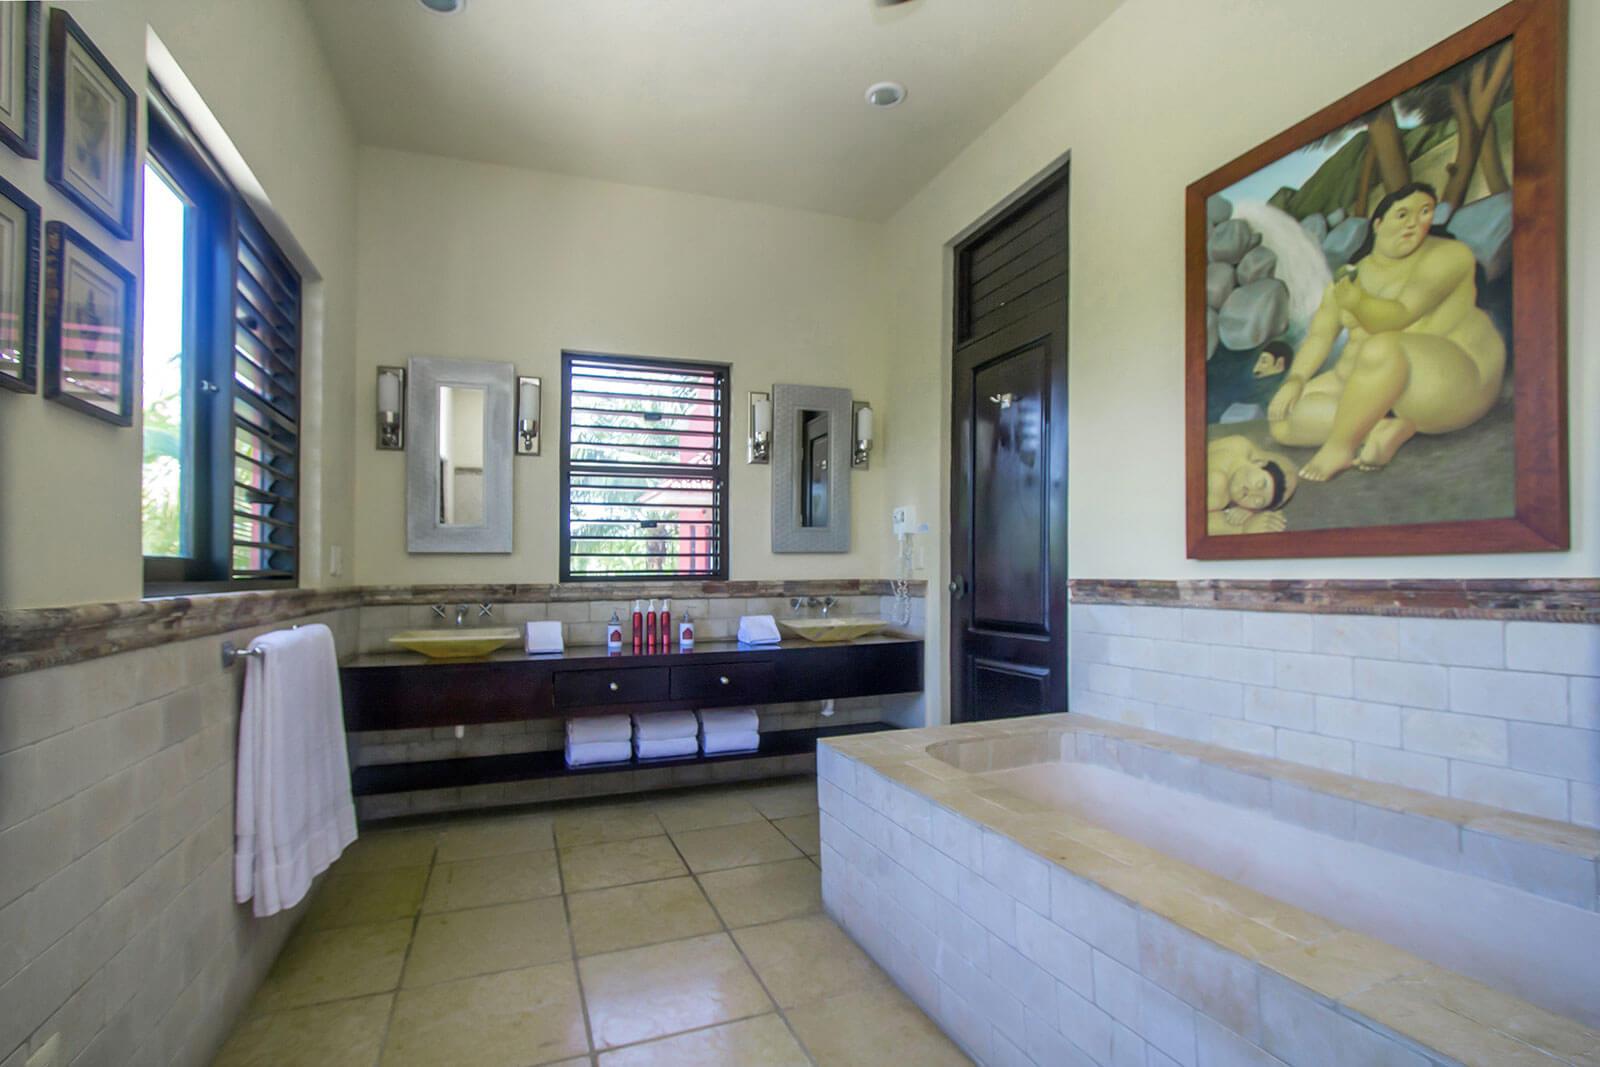 Maya_Luxe_Riviera_Maya_Luxury_Villas_Experiences_Soliman_Bay_6_Bedrooms_Casa_Buena_Suerte_35.jpg